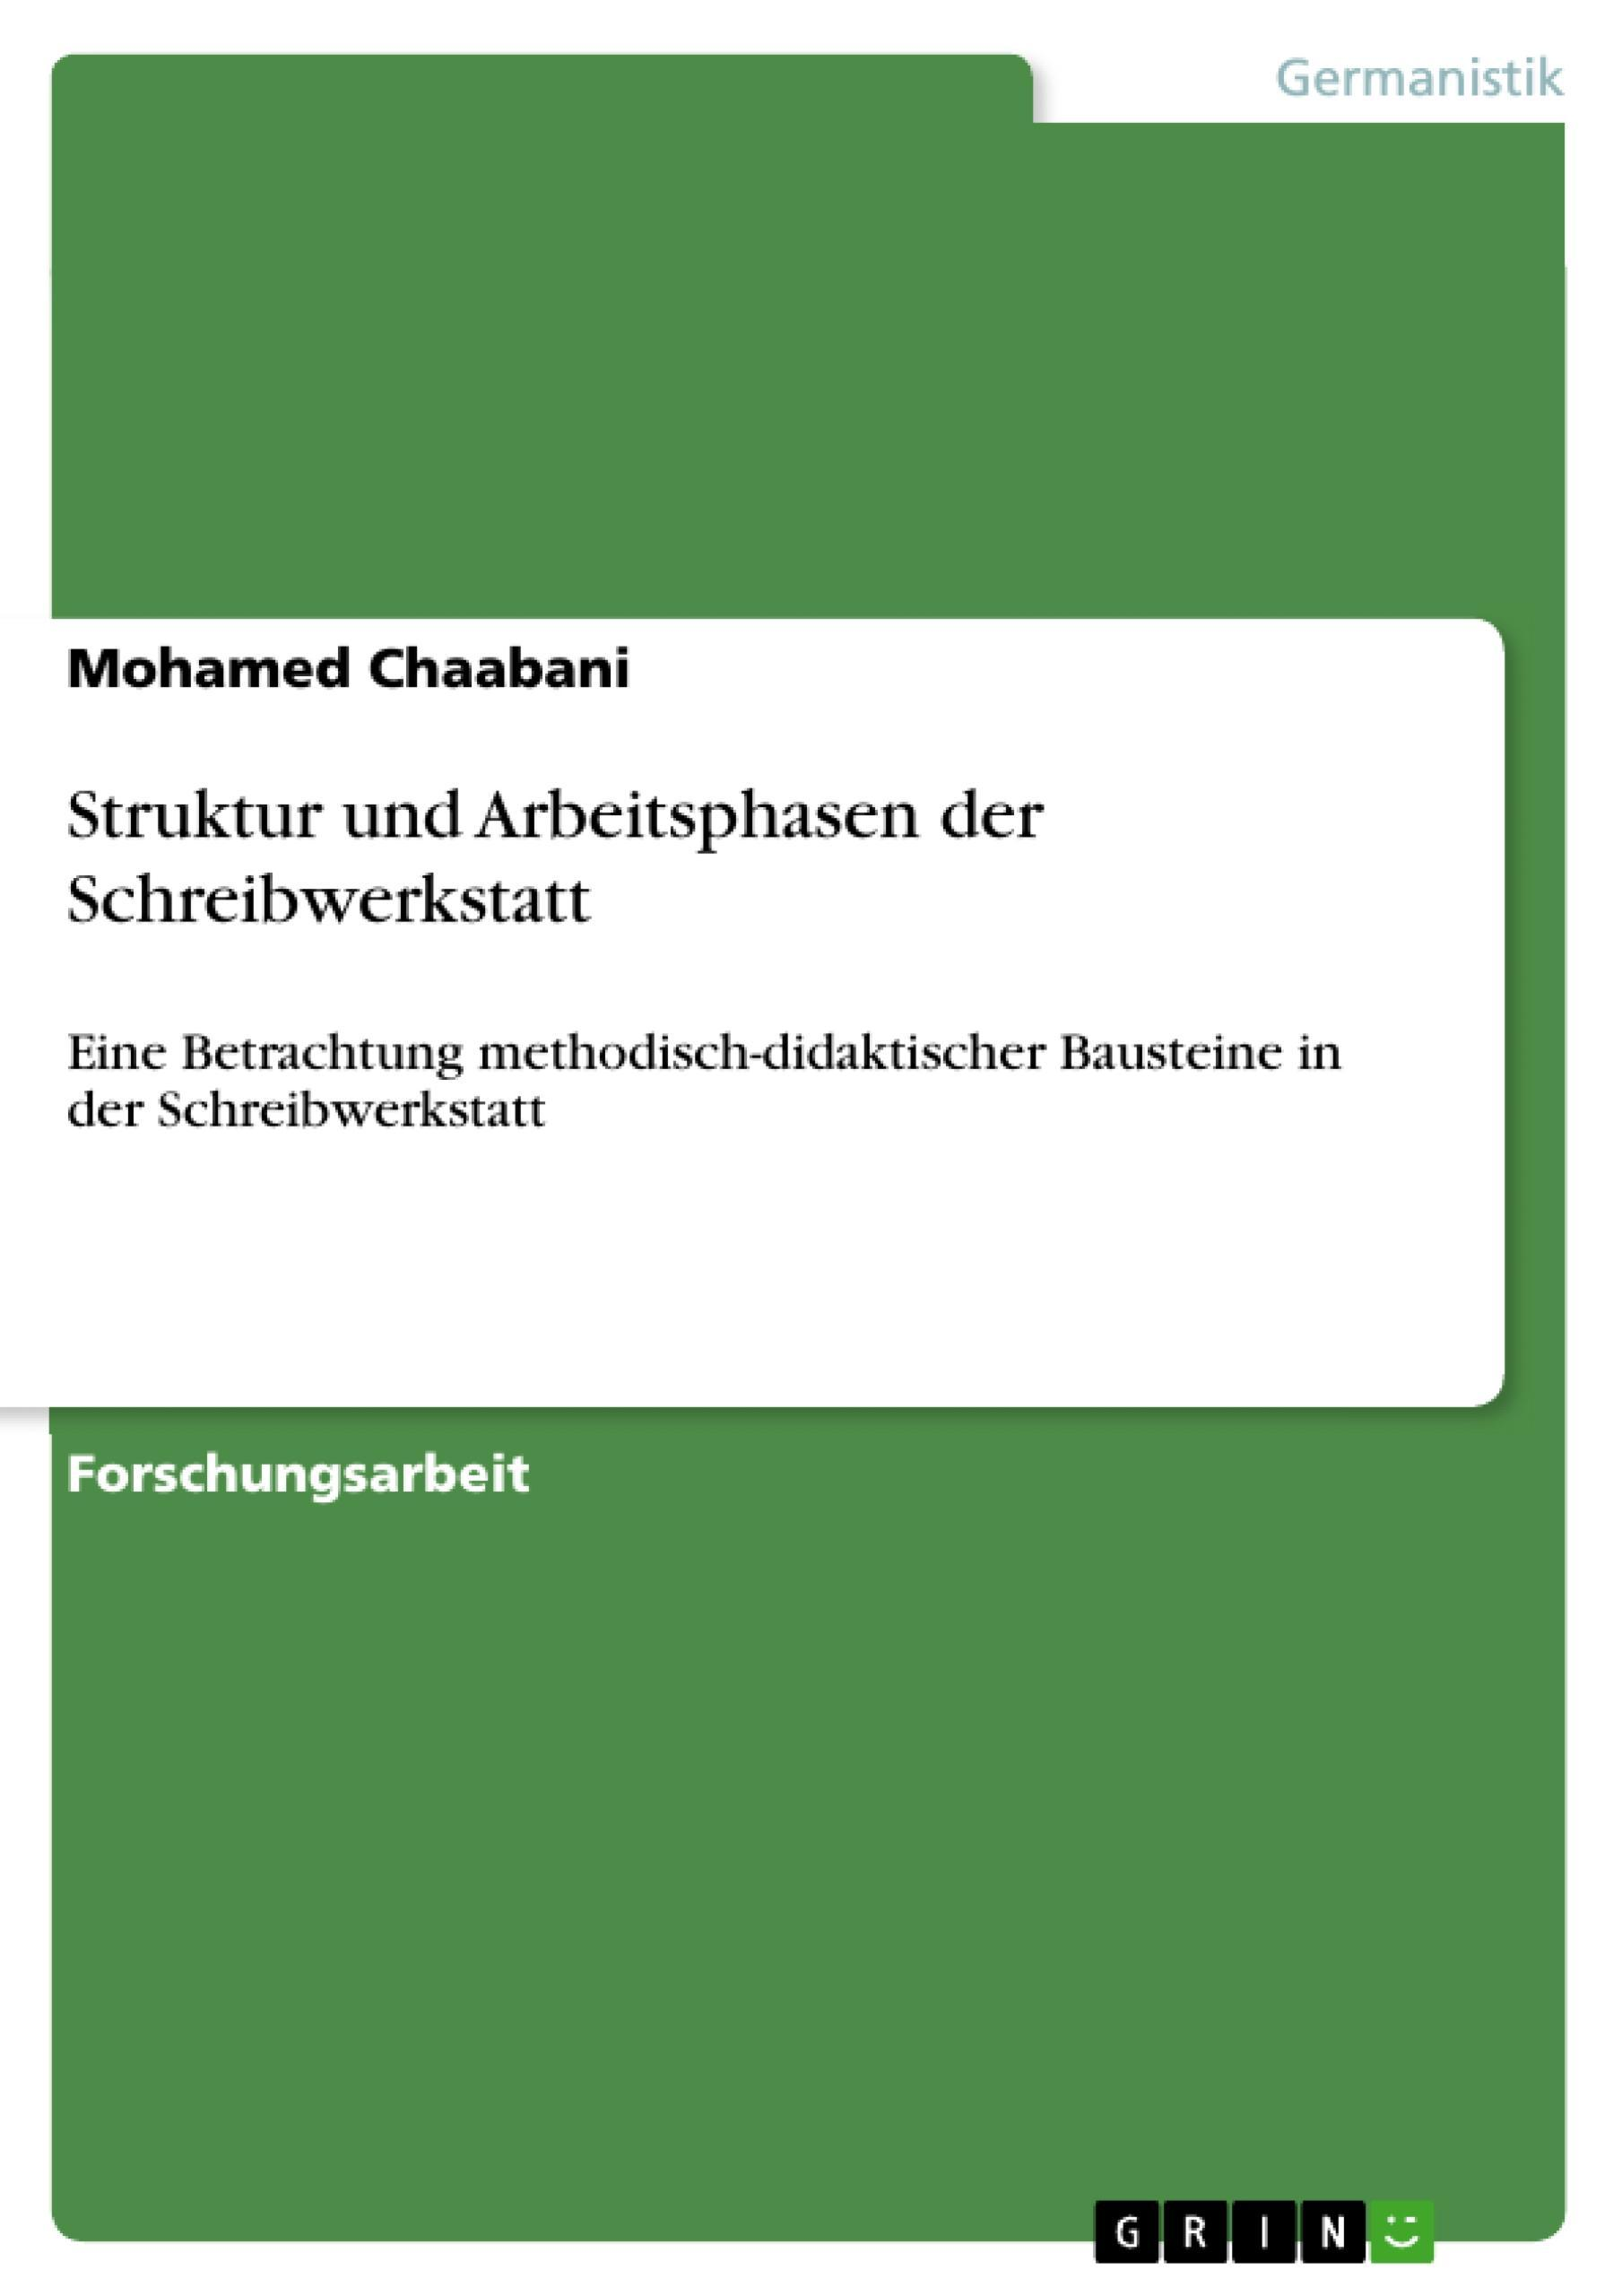 Struktur und Arbeitsphasen der Schreibwerkstatt Mohamed Chaabani